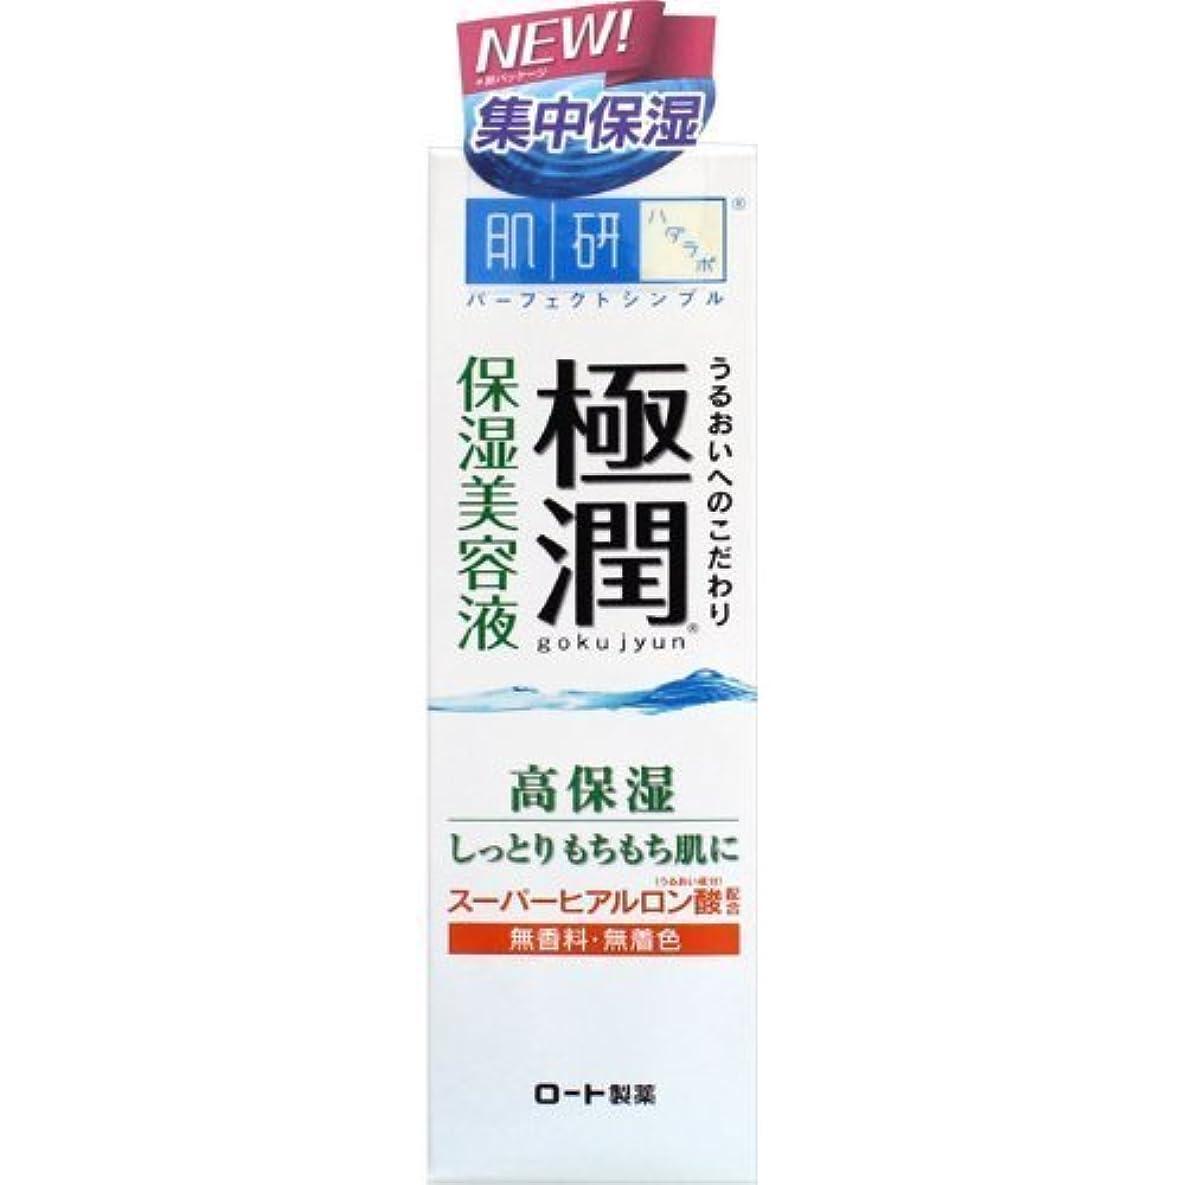 分離怪しいペルメル肌研(ハダラボ) 極潤 ヒアルロン美容液 30g